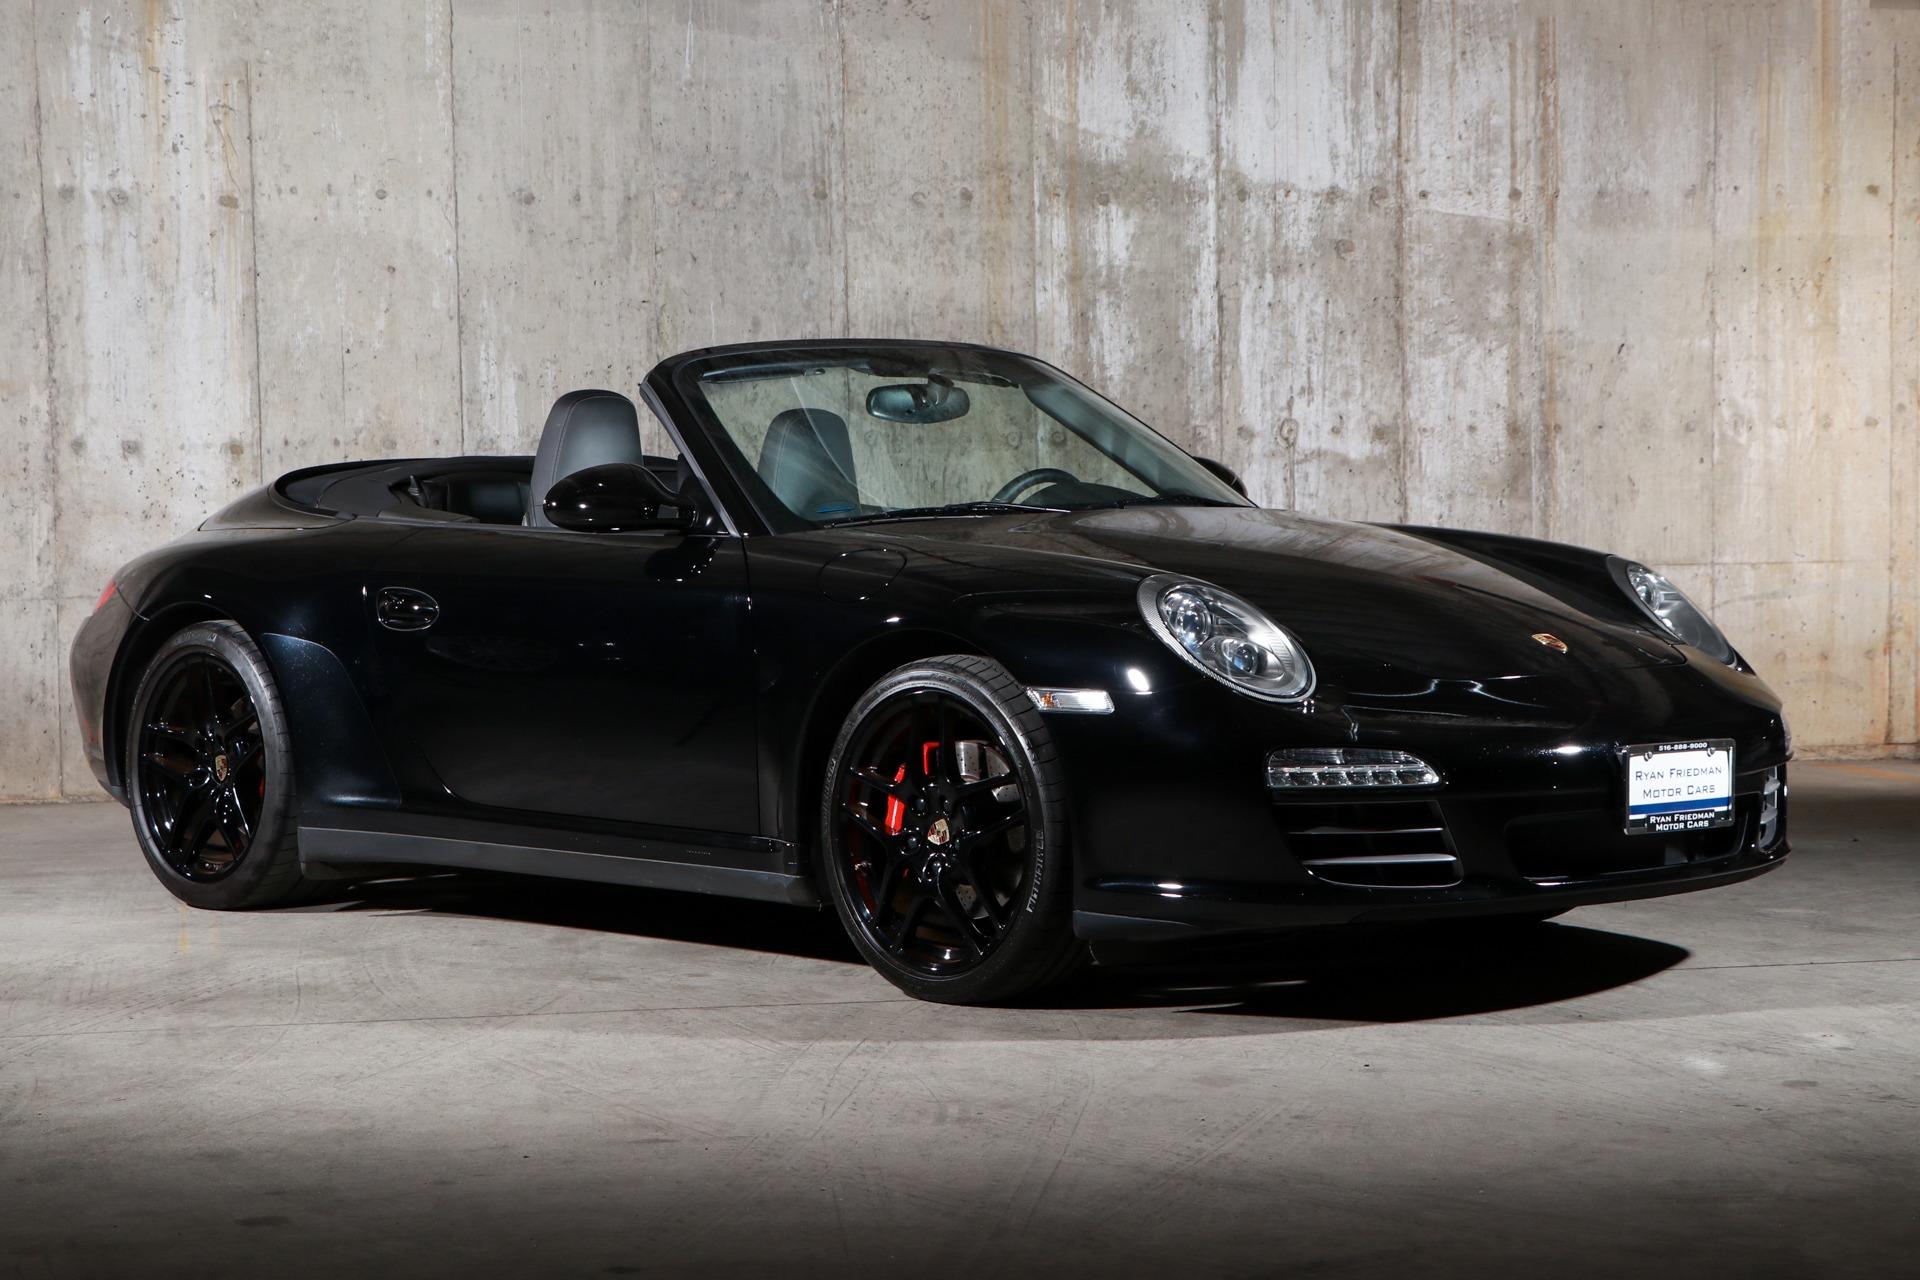 Used 2010 Porsche 911 Carrera 4S   Glen Cove, NY